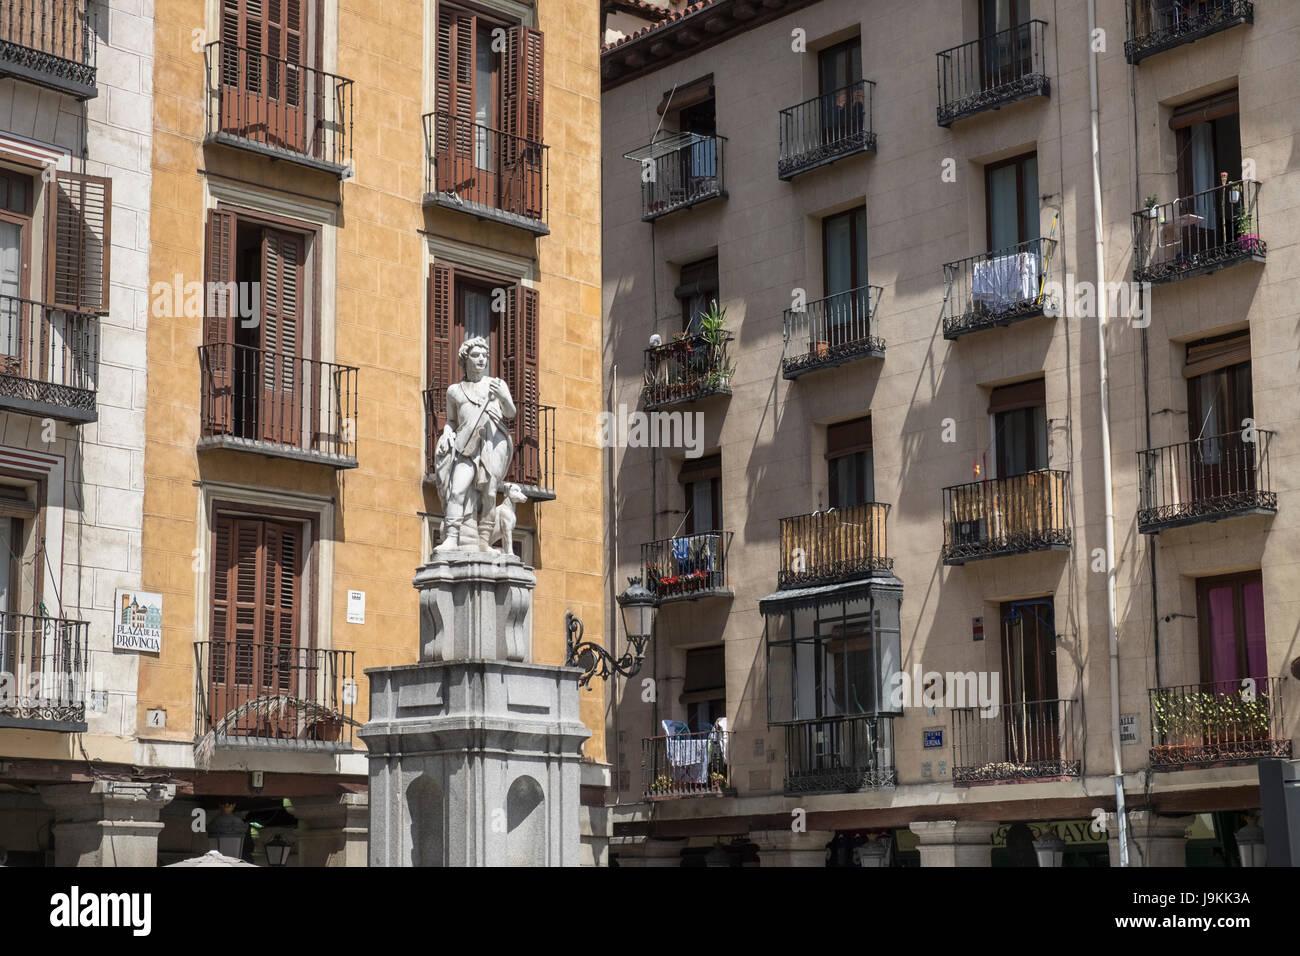 Una estatua de Orfeo muestra en Plaza de la provincia, distrito Centro, Madrid, España Imagen De Stock